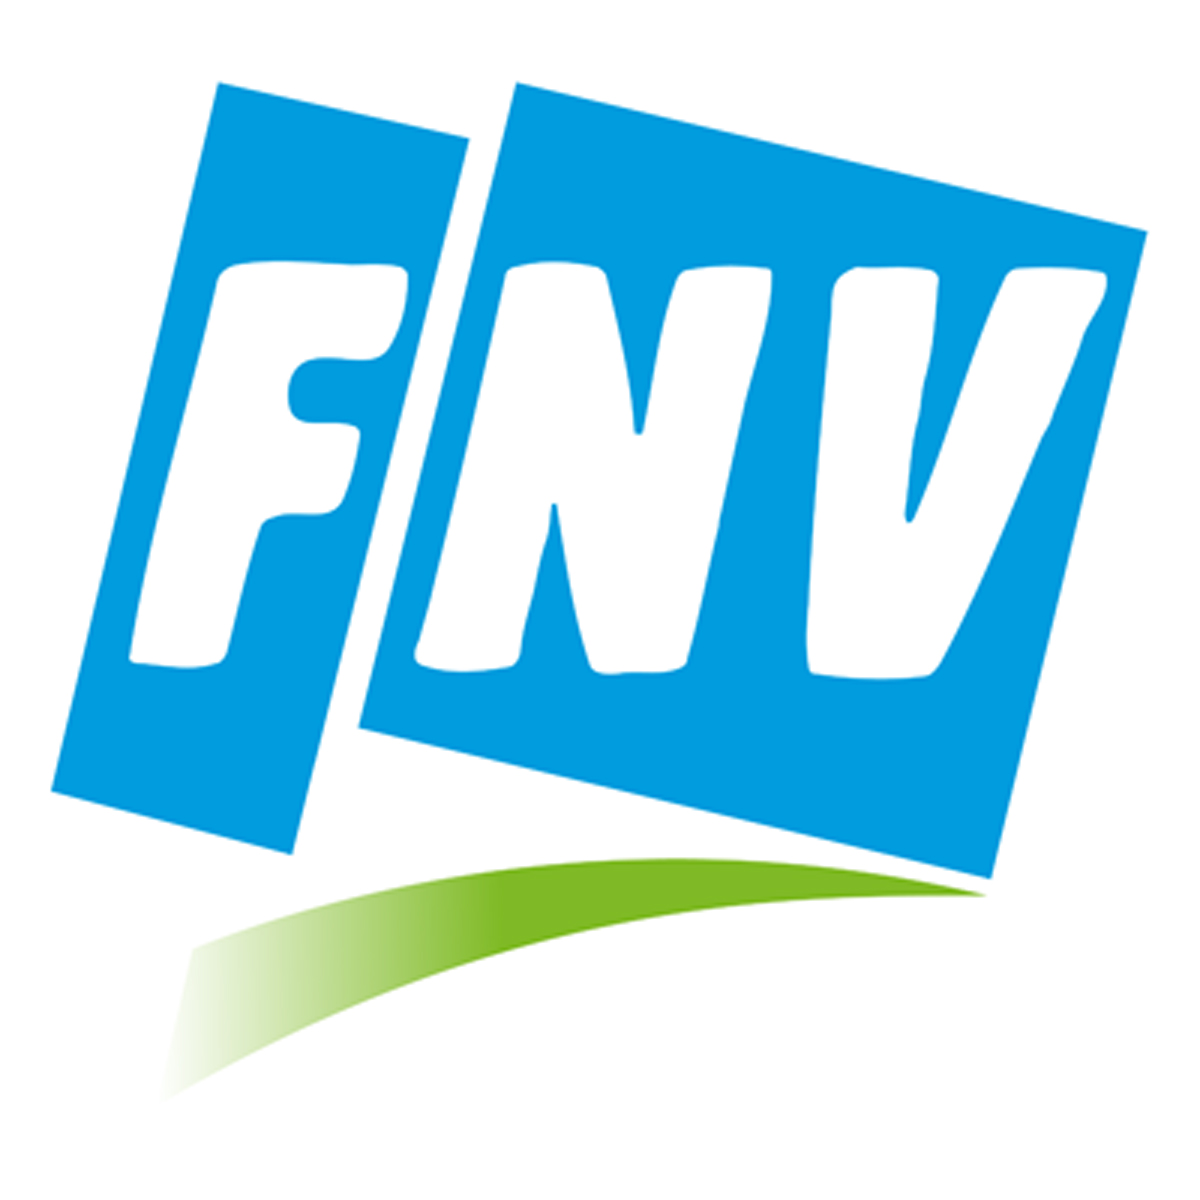 Nederland: pensioenakkoord aangenomen, strijd gaat door